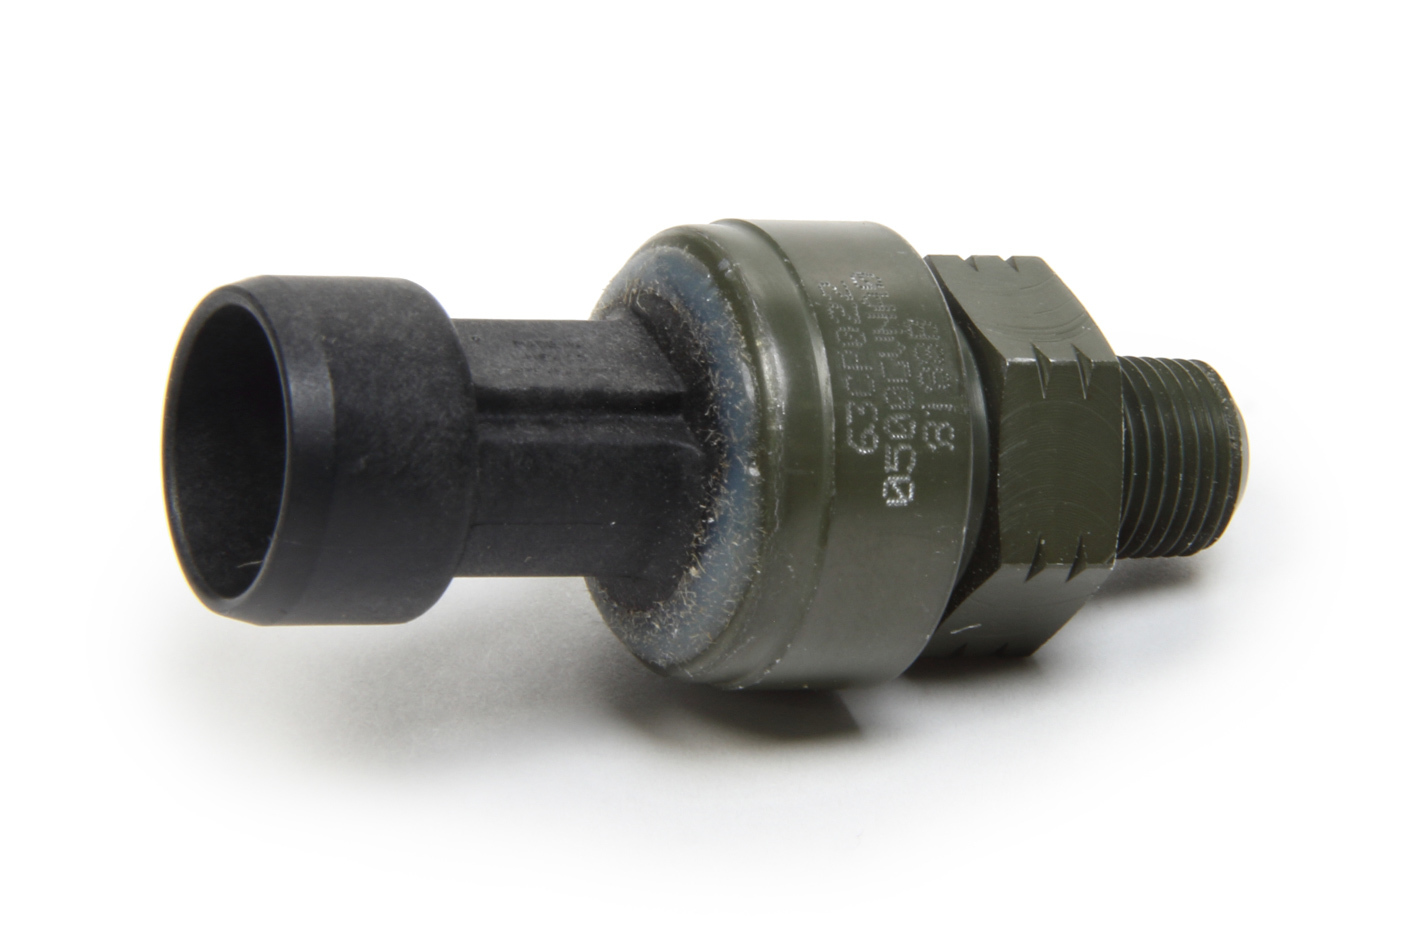 Racepak 810-PT-0500GVT Pressure Sending Unit, V-Net System, 0-500 psi, Racepak Digital Dashes, Each